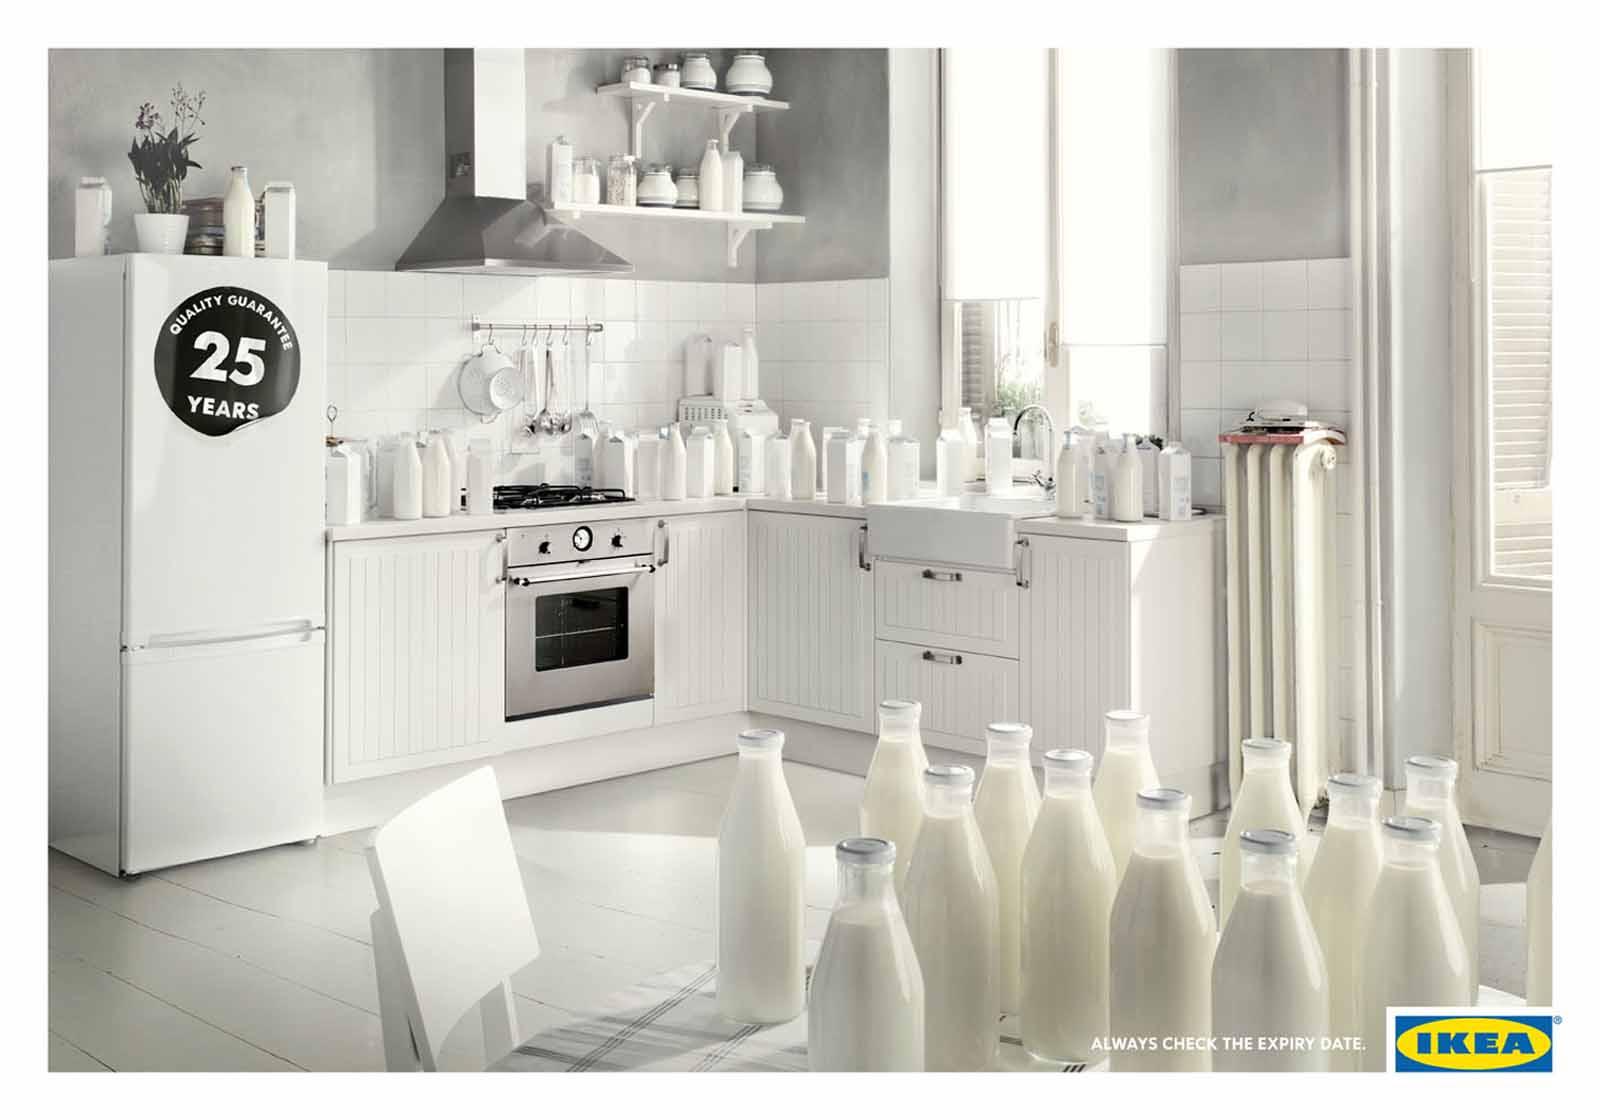 Comprare una delle cucine fai da te ikea - Immagini cucine ikea ...